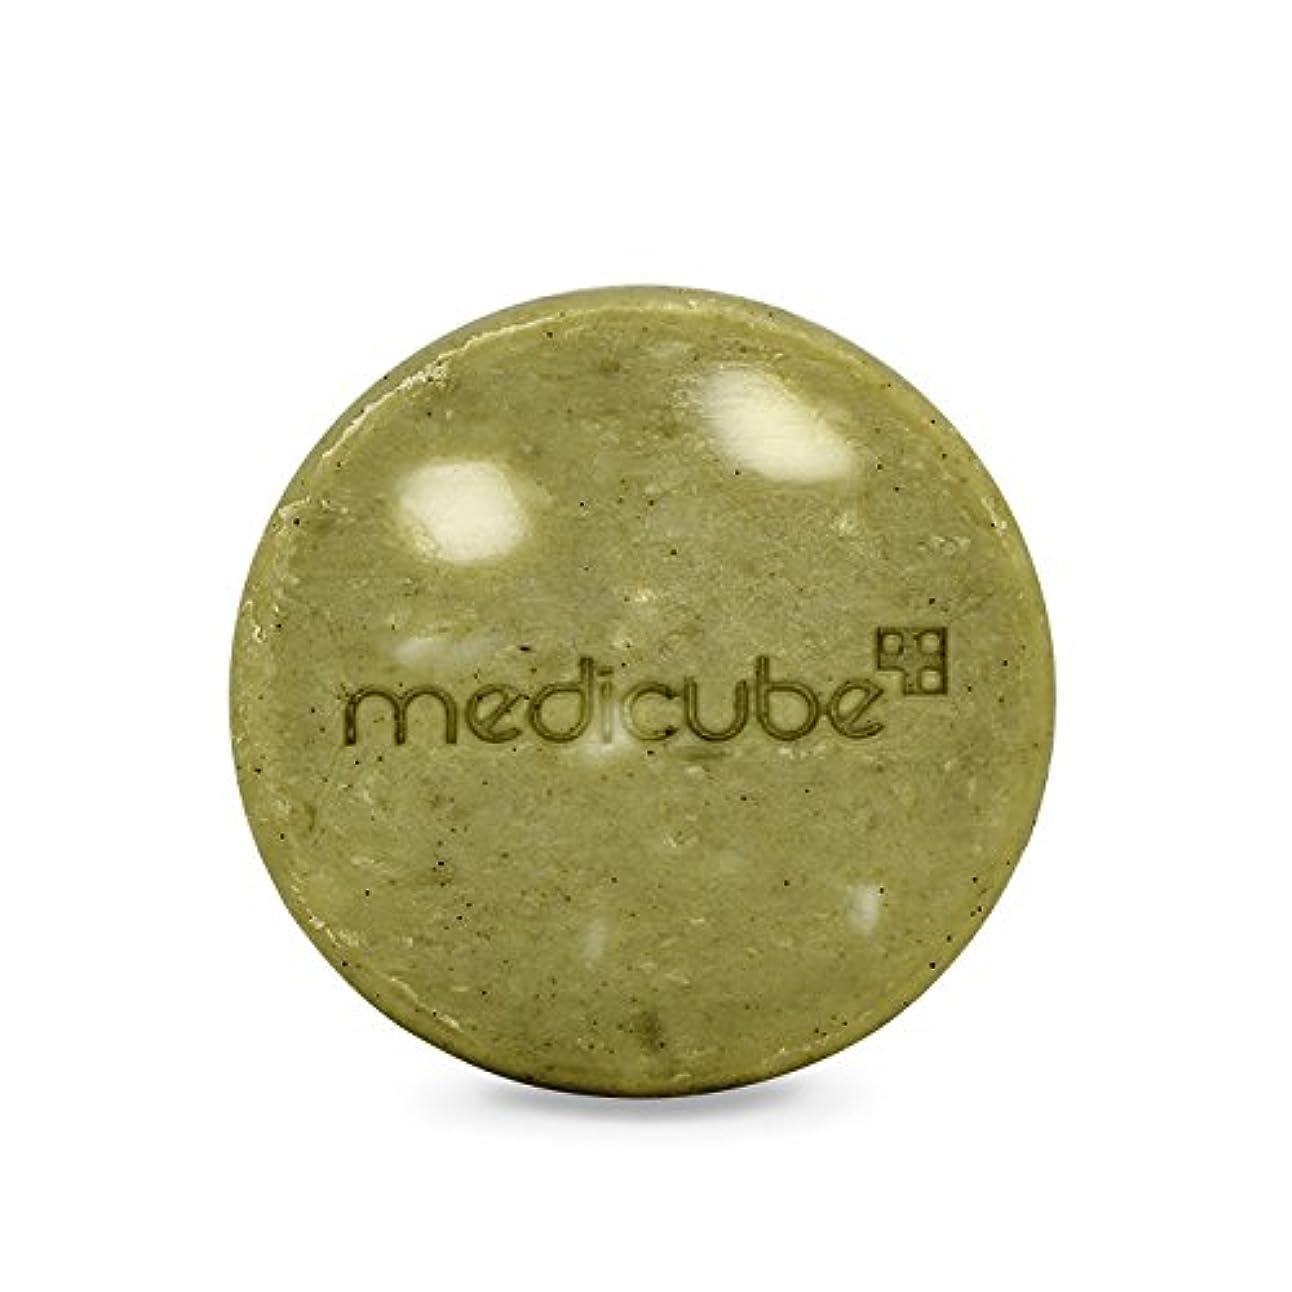 アウトドアインポートプライム[Medicube]Red Body Bar / メディキューブレッドボディバー / 正品?海外直送商品 [並行輸入品]